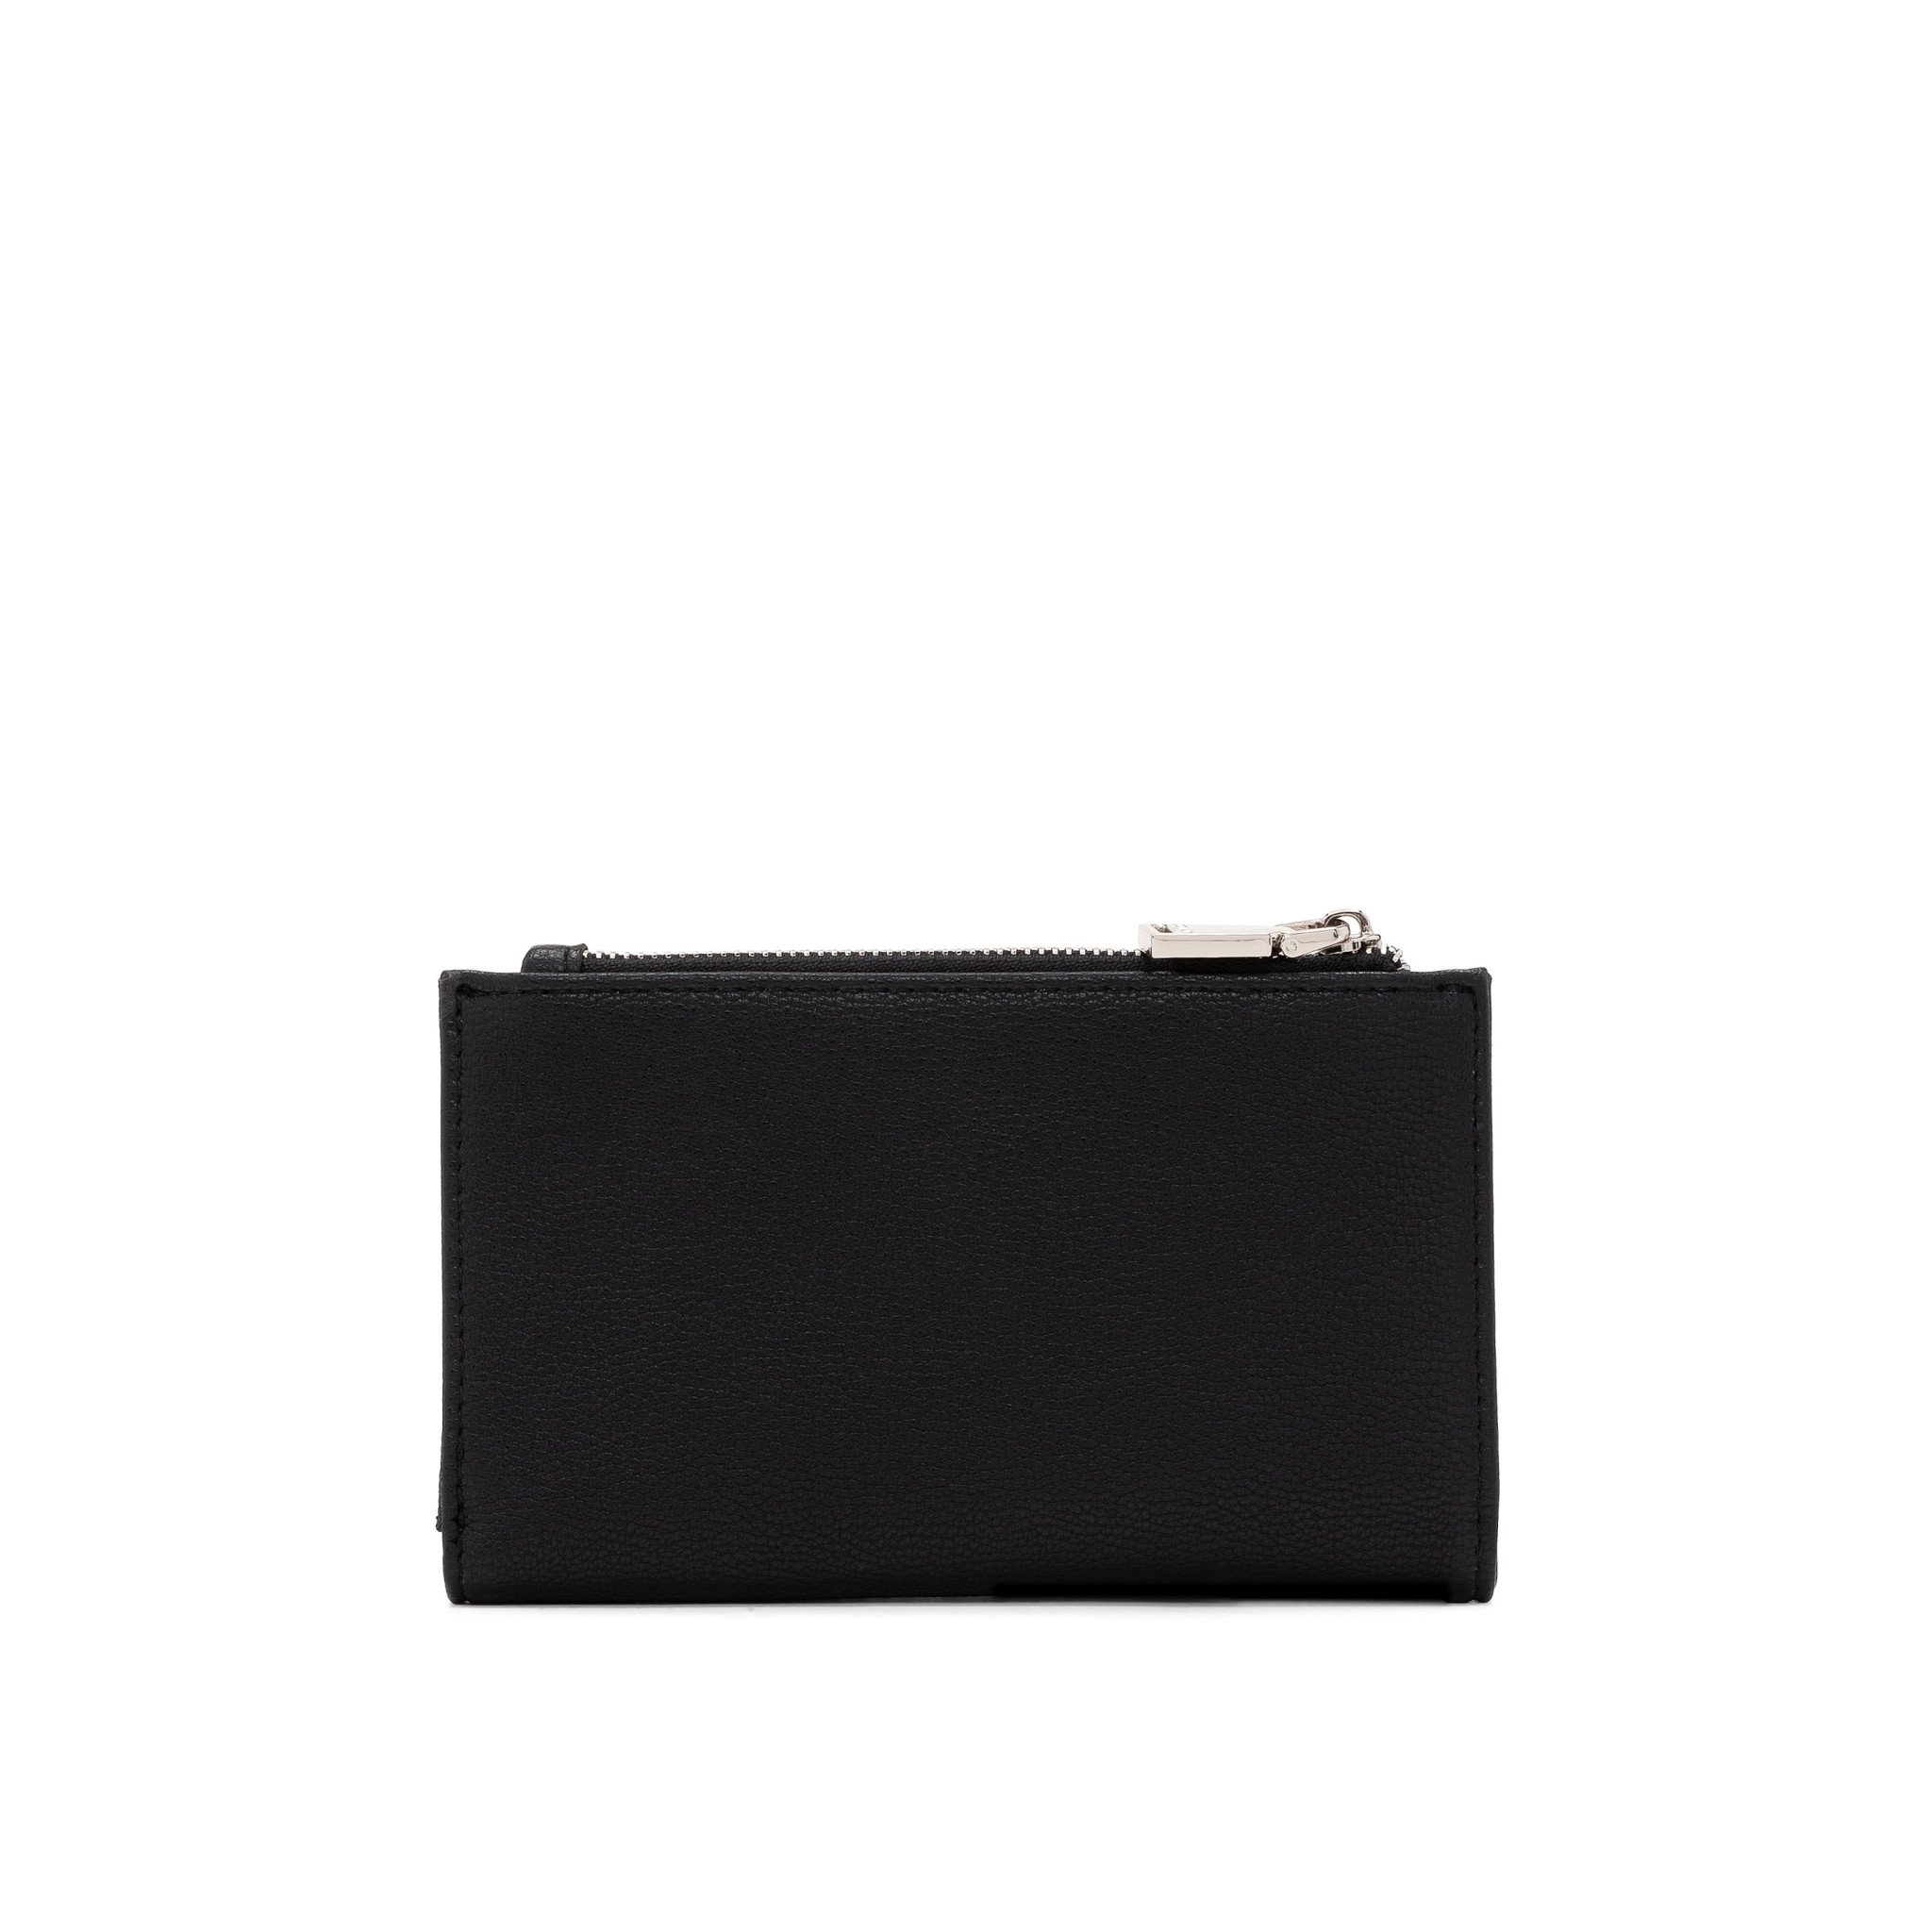 Colab Colab May Pebble 2.0 Wallet (#6421) - Black